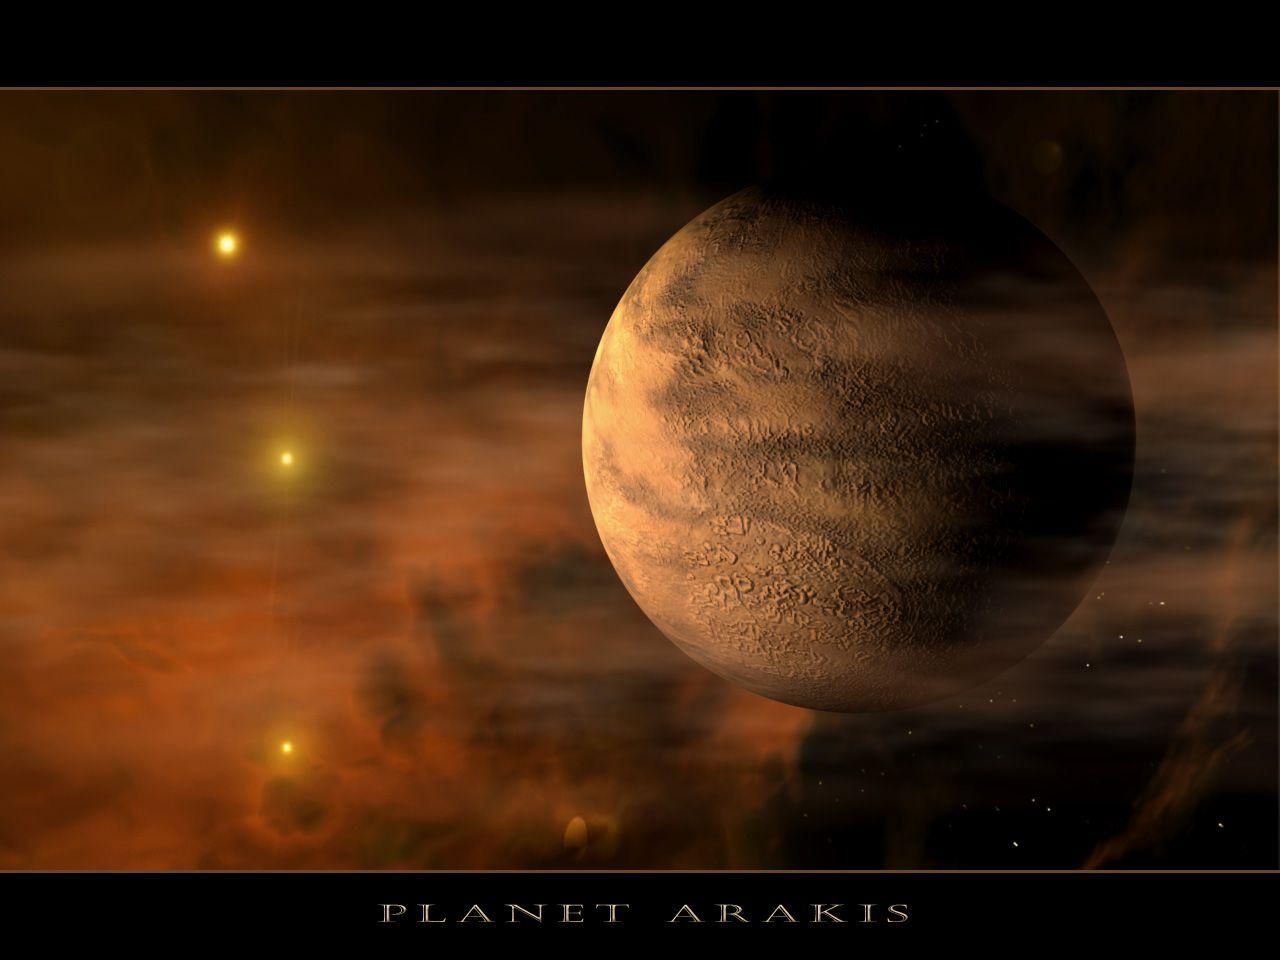 Fond D Ecran Planet Arakis Fond Ecran Espace Univers Univers